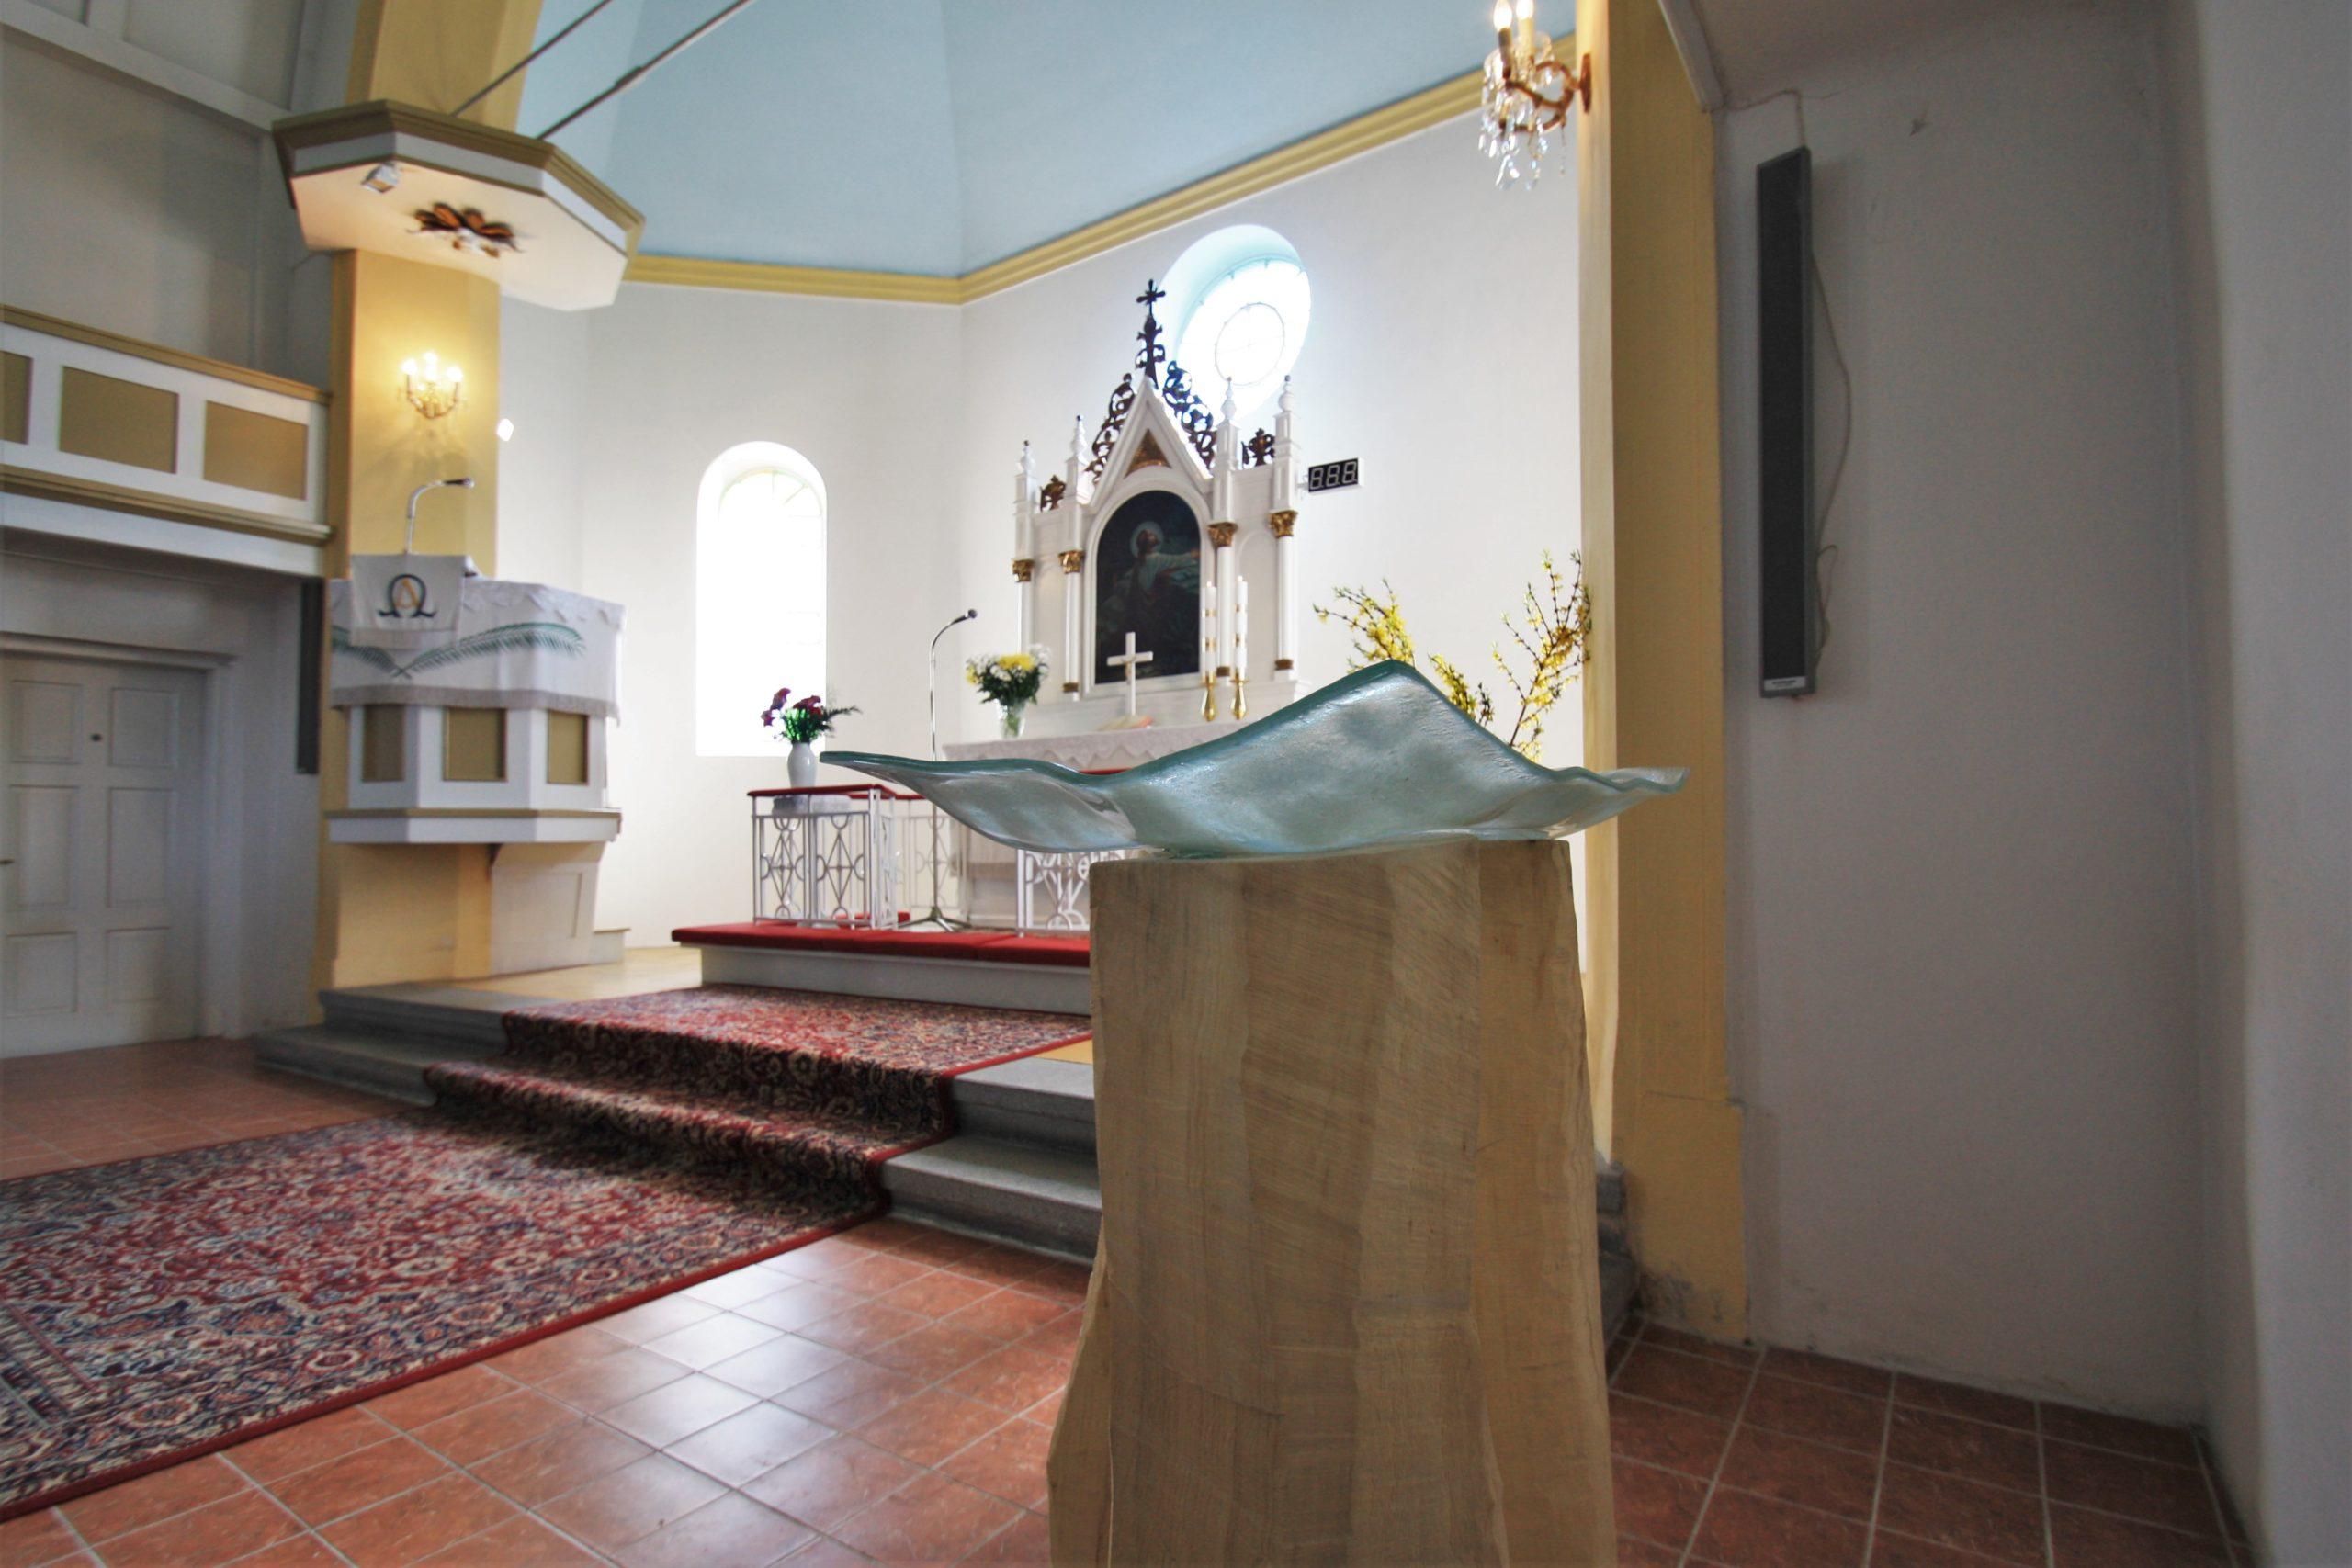 Sprawozdanie z życia religijno-kościelnego Parafii ŚKEAW w Hawierzowie Suchej za rok 2020